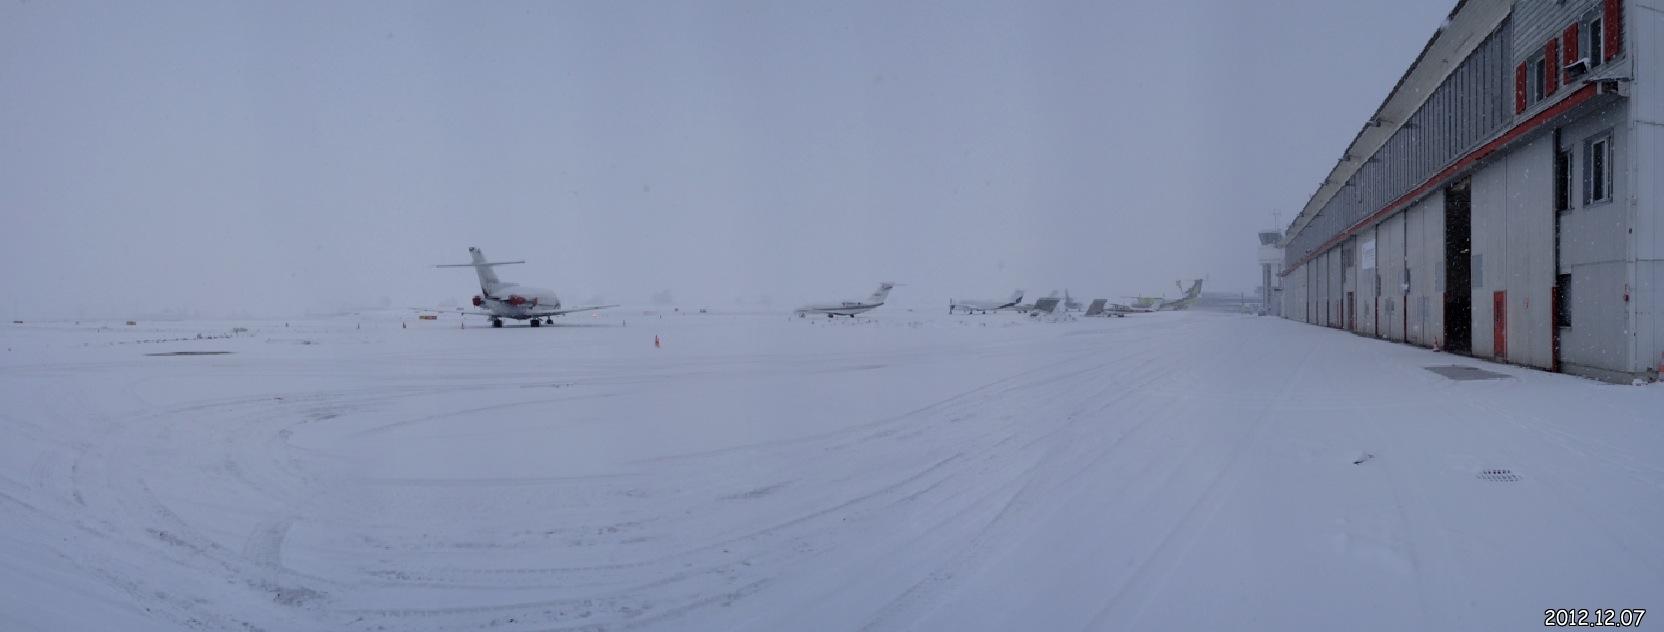 Flughafen Bern BRN - Star Wars Planet Hoth